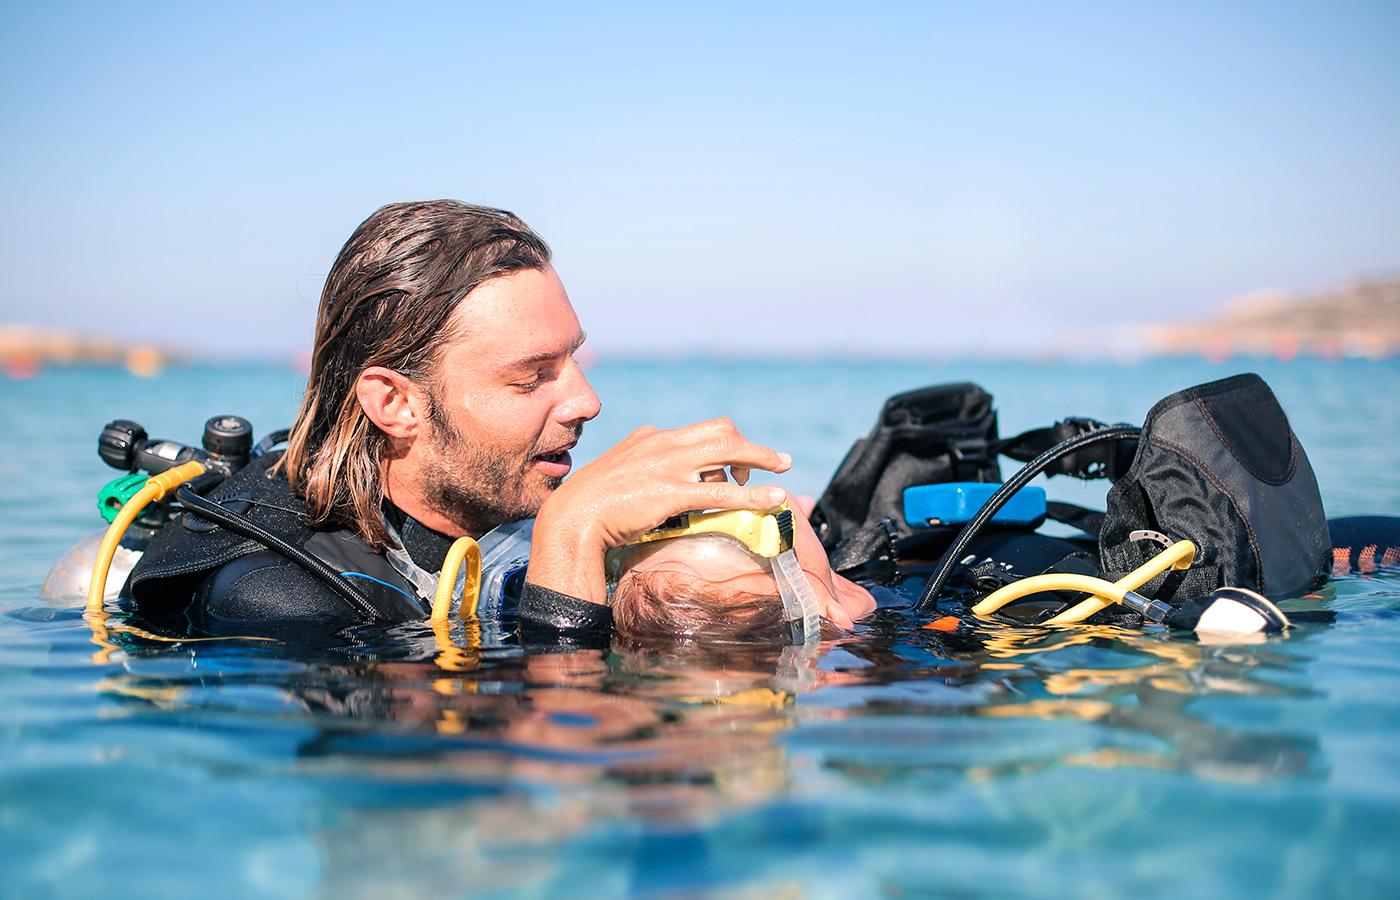 Rescue Diver photo